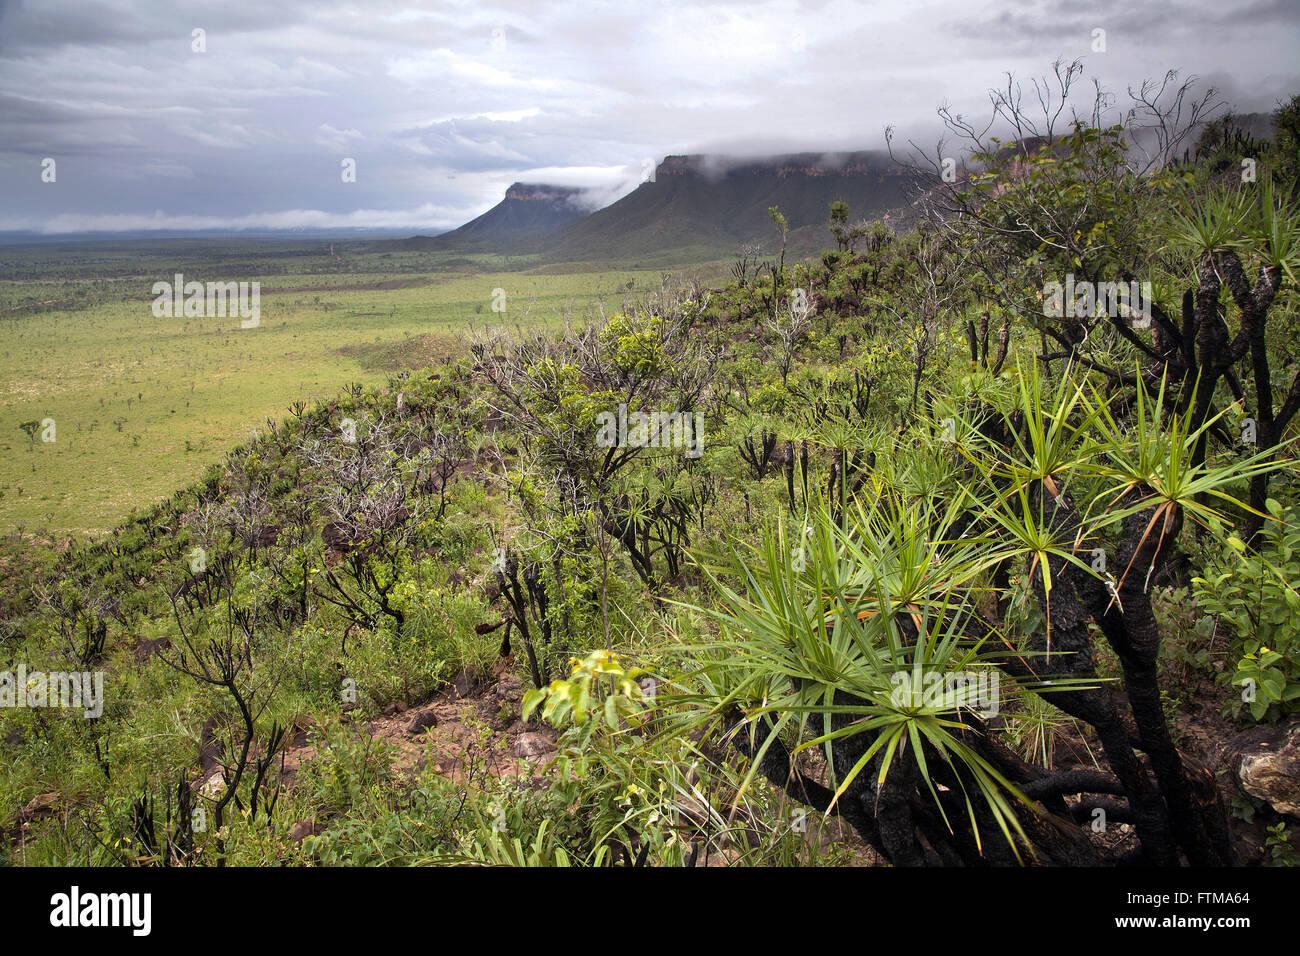 La végétation de savane sur les pentes de la Sierra de l'Esprit Saint - Jalapao Photo Stock